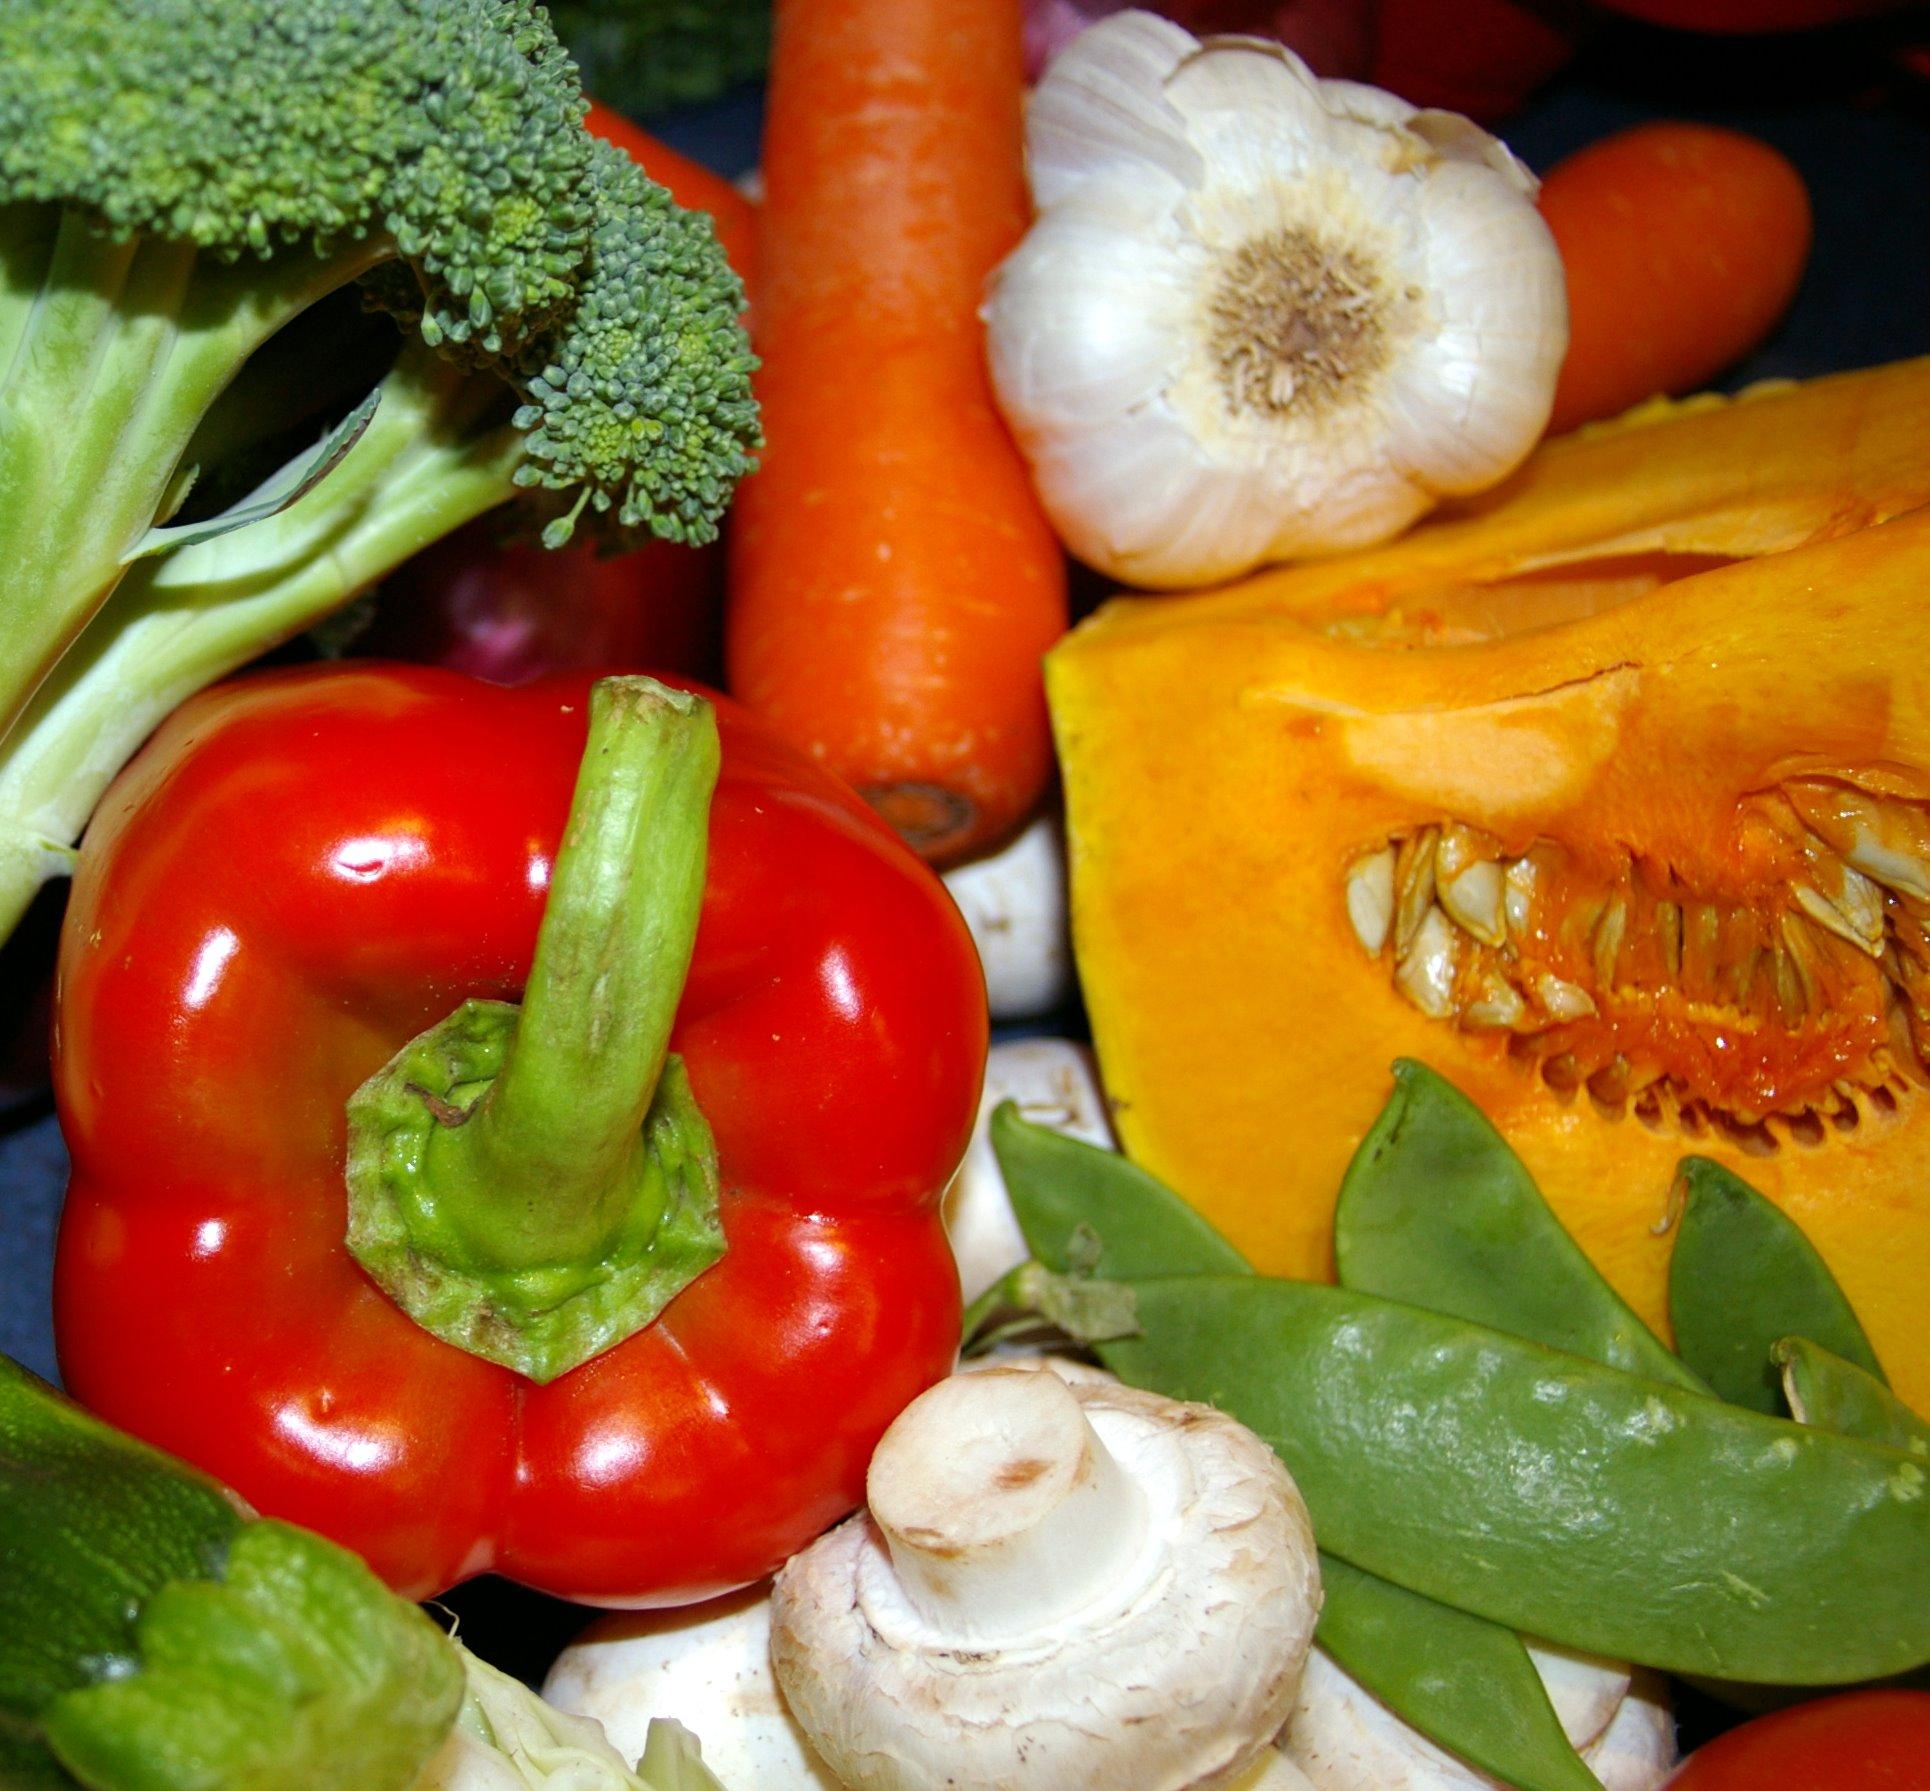 cafe sol - fresh vegetables 1